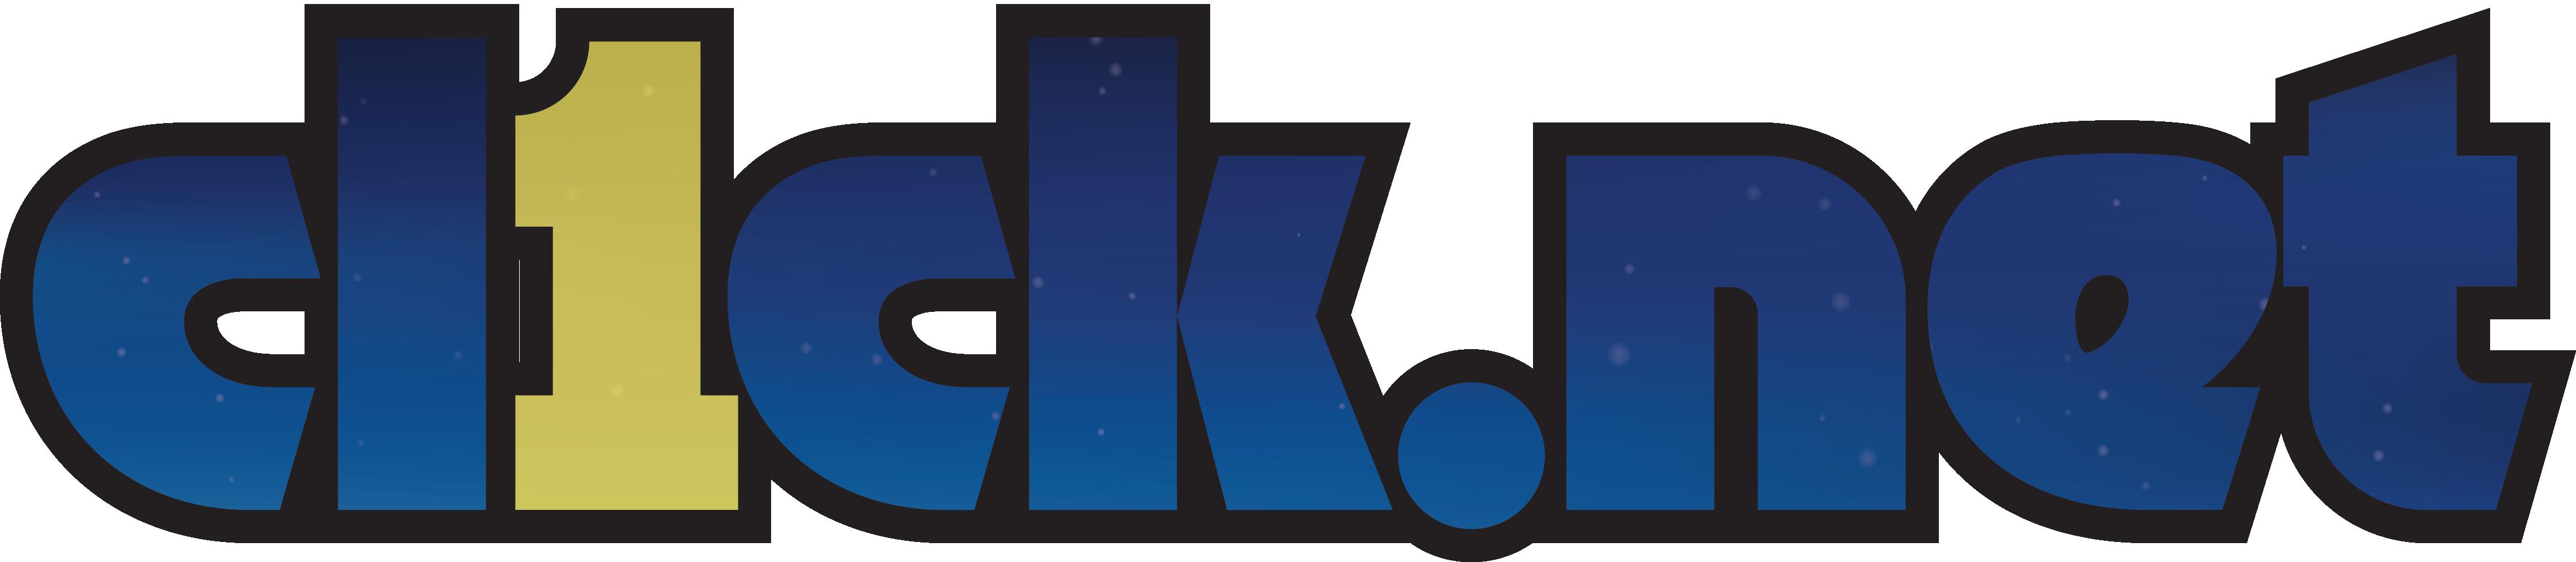 cl1ck.net